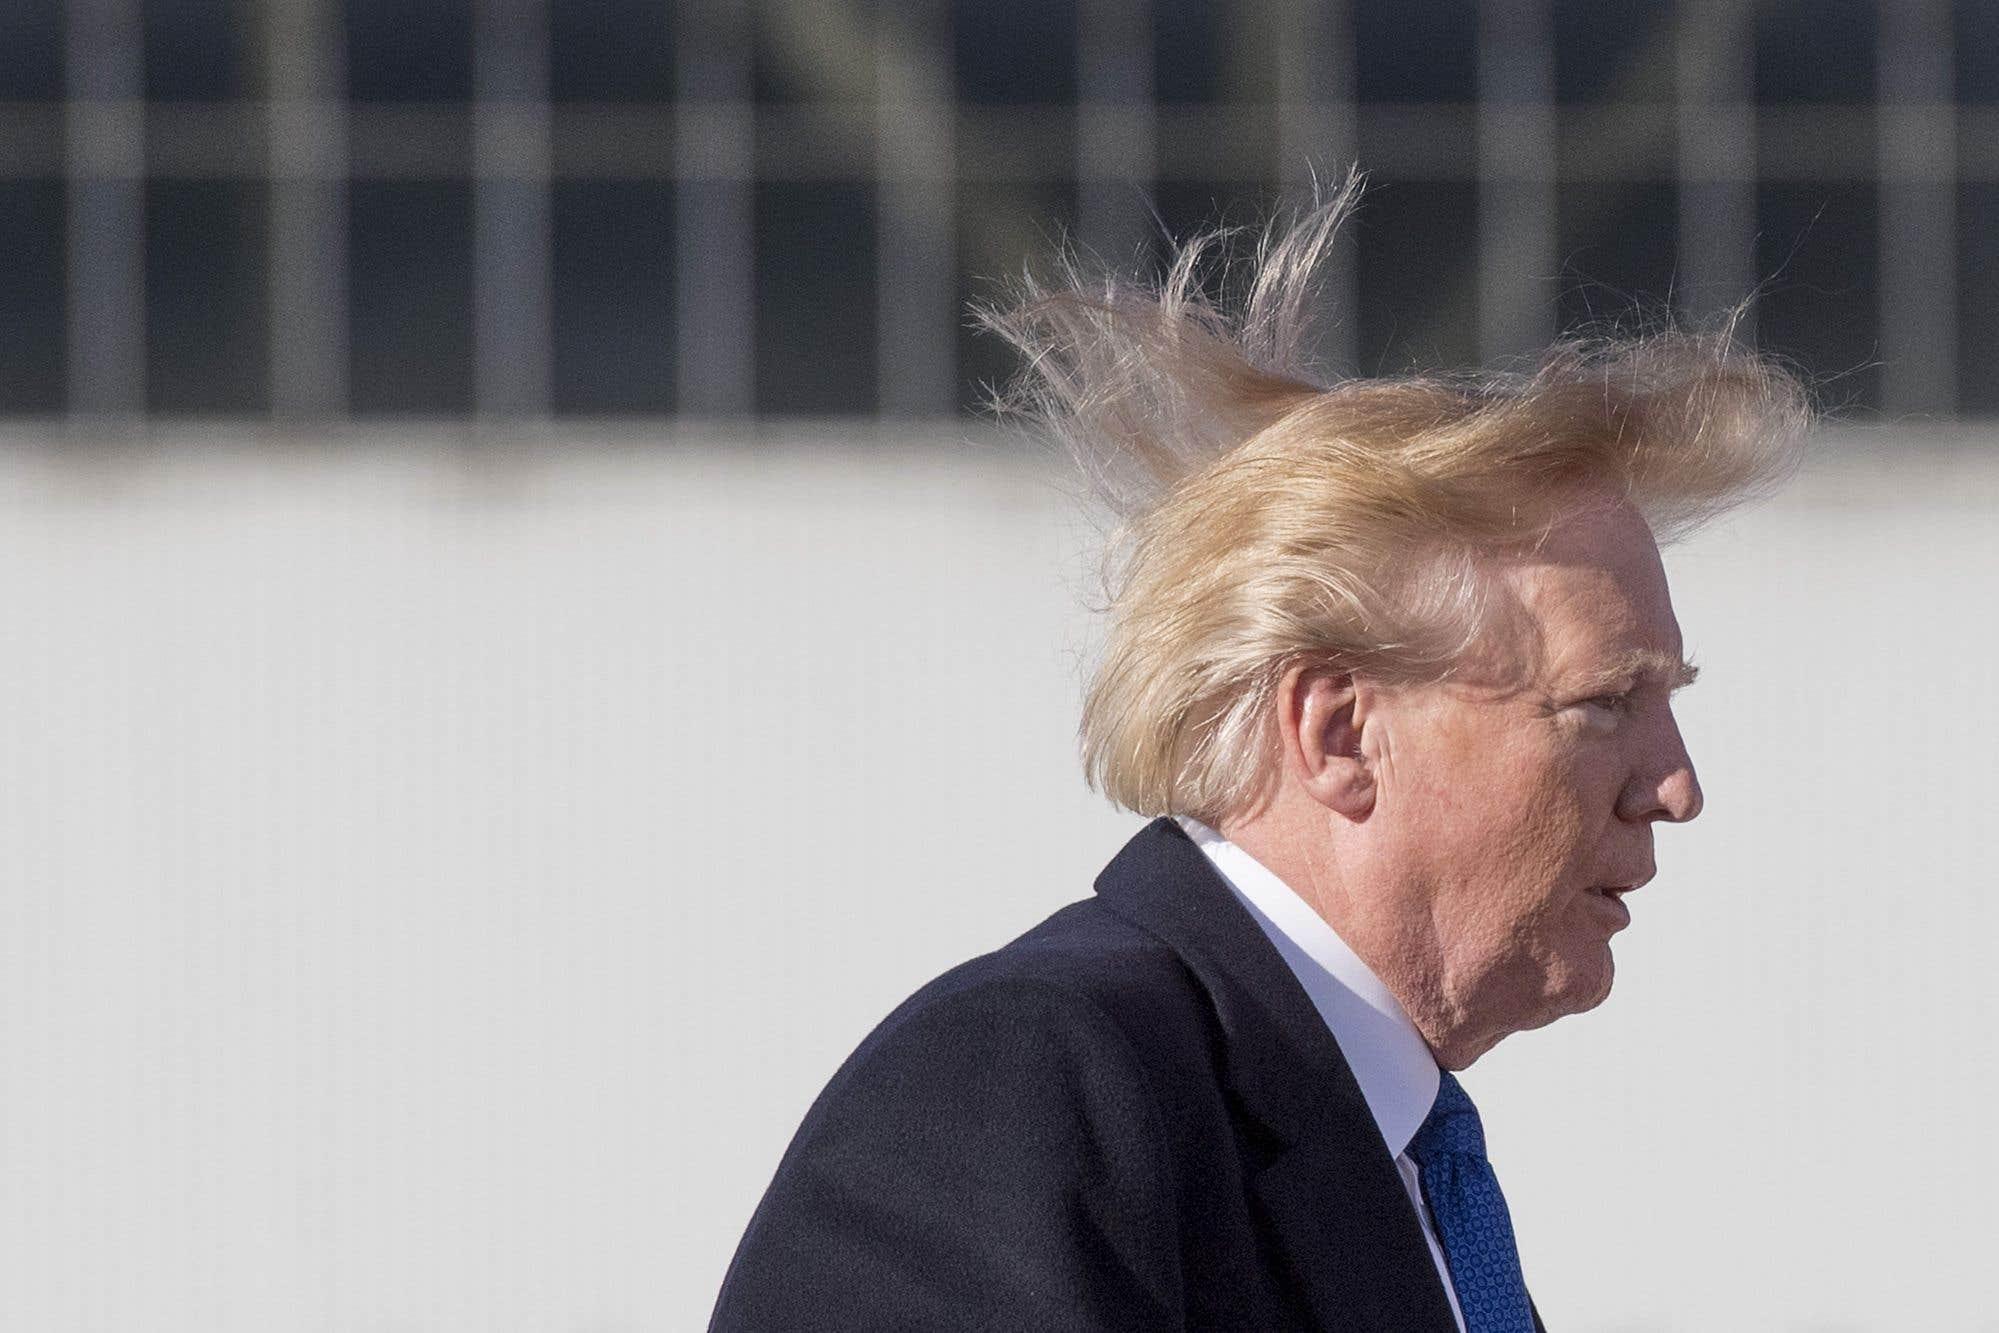 À l'aéroport de Pékin, le président Trump, les cheveux au vent, s'apprêtait à monter à bord de l'avion présidentiel, afin d'assister, au Vietnam, à la réunion des dirigeants économiques la Coopération économique pour l'Asie-Pacifique (APEC).